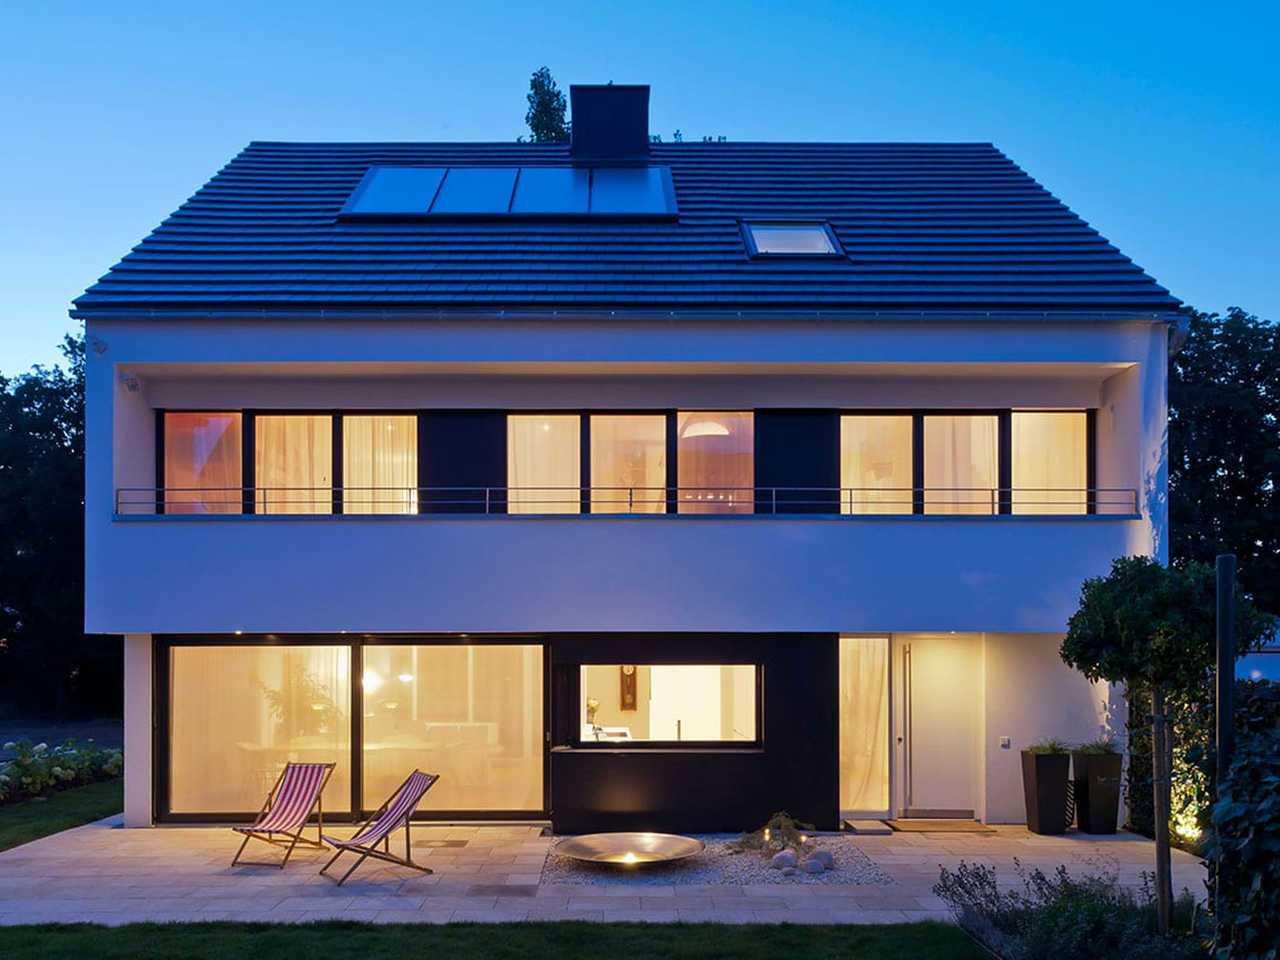 KitzlingerHaus - Referenzhaus Stuttgart Sicht am Abend